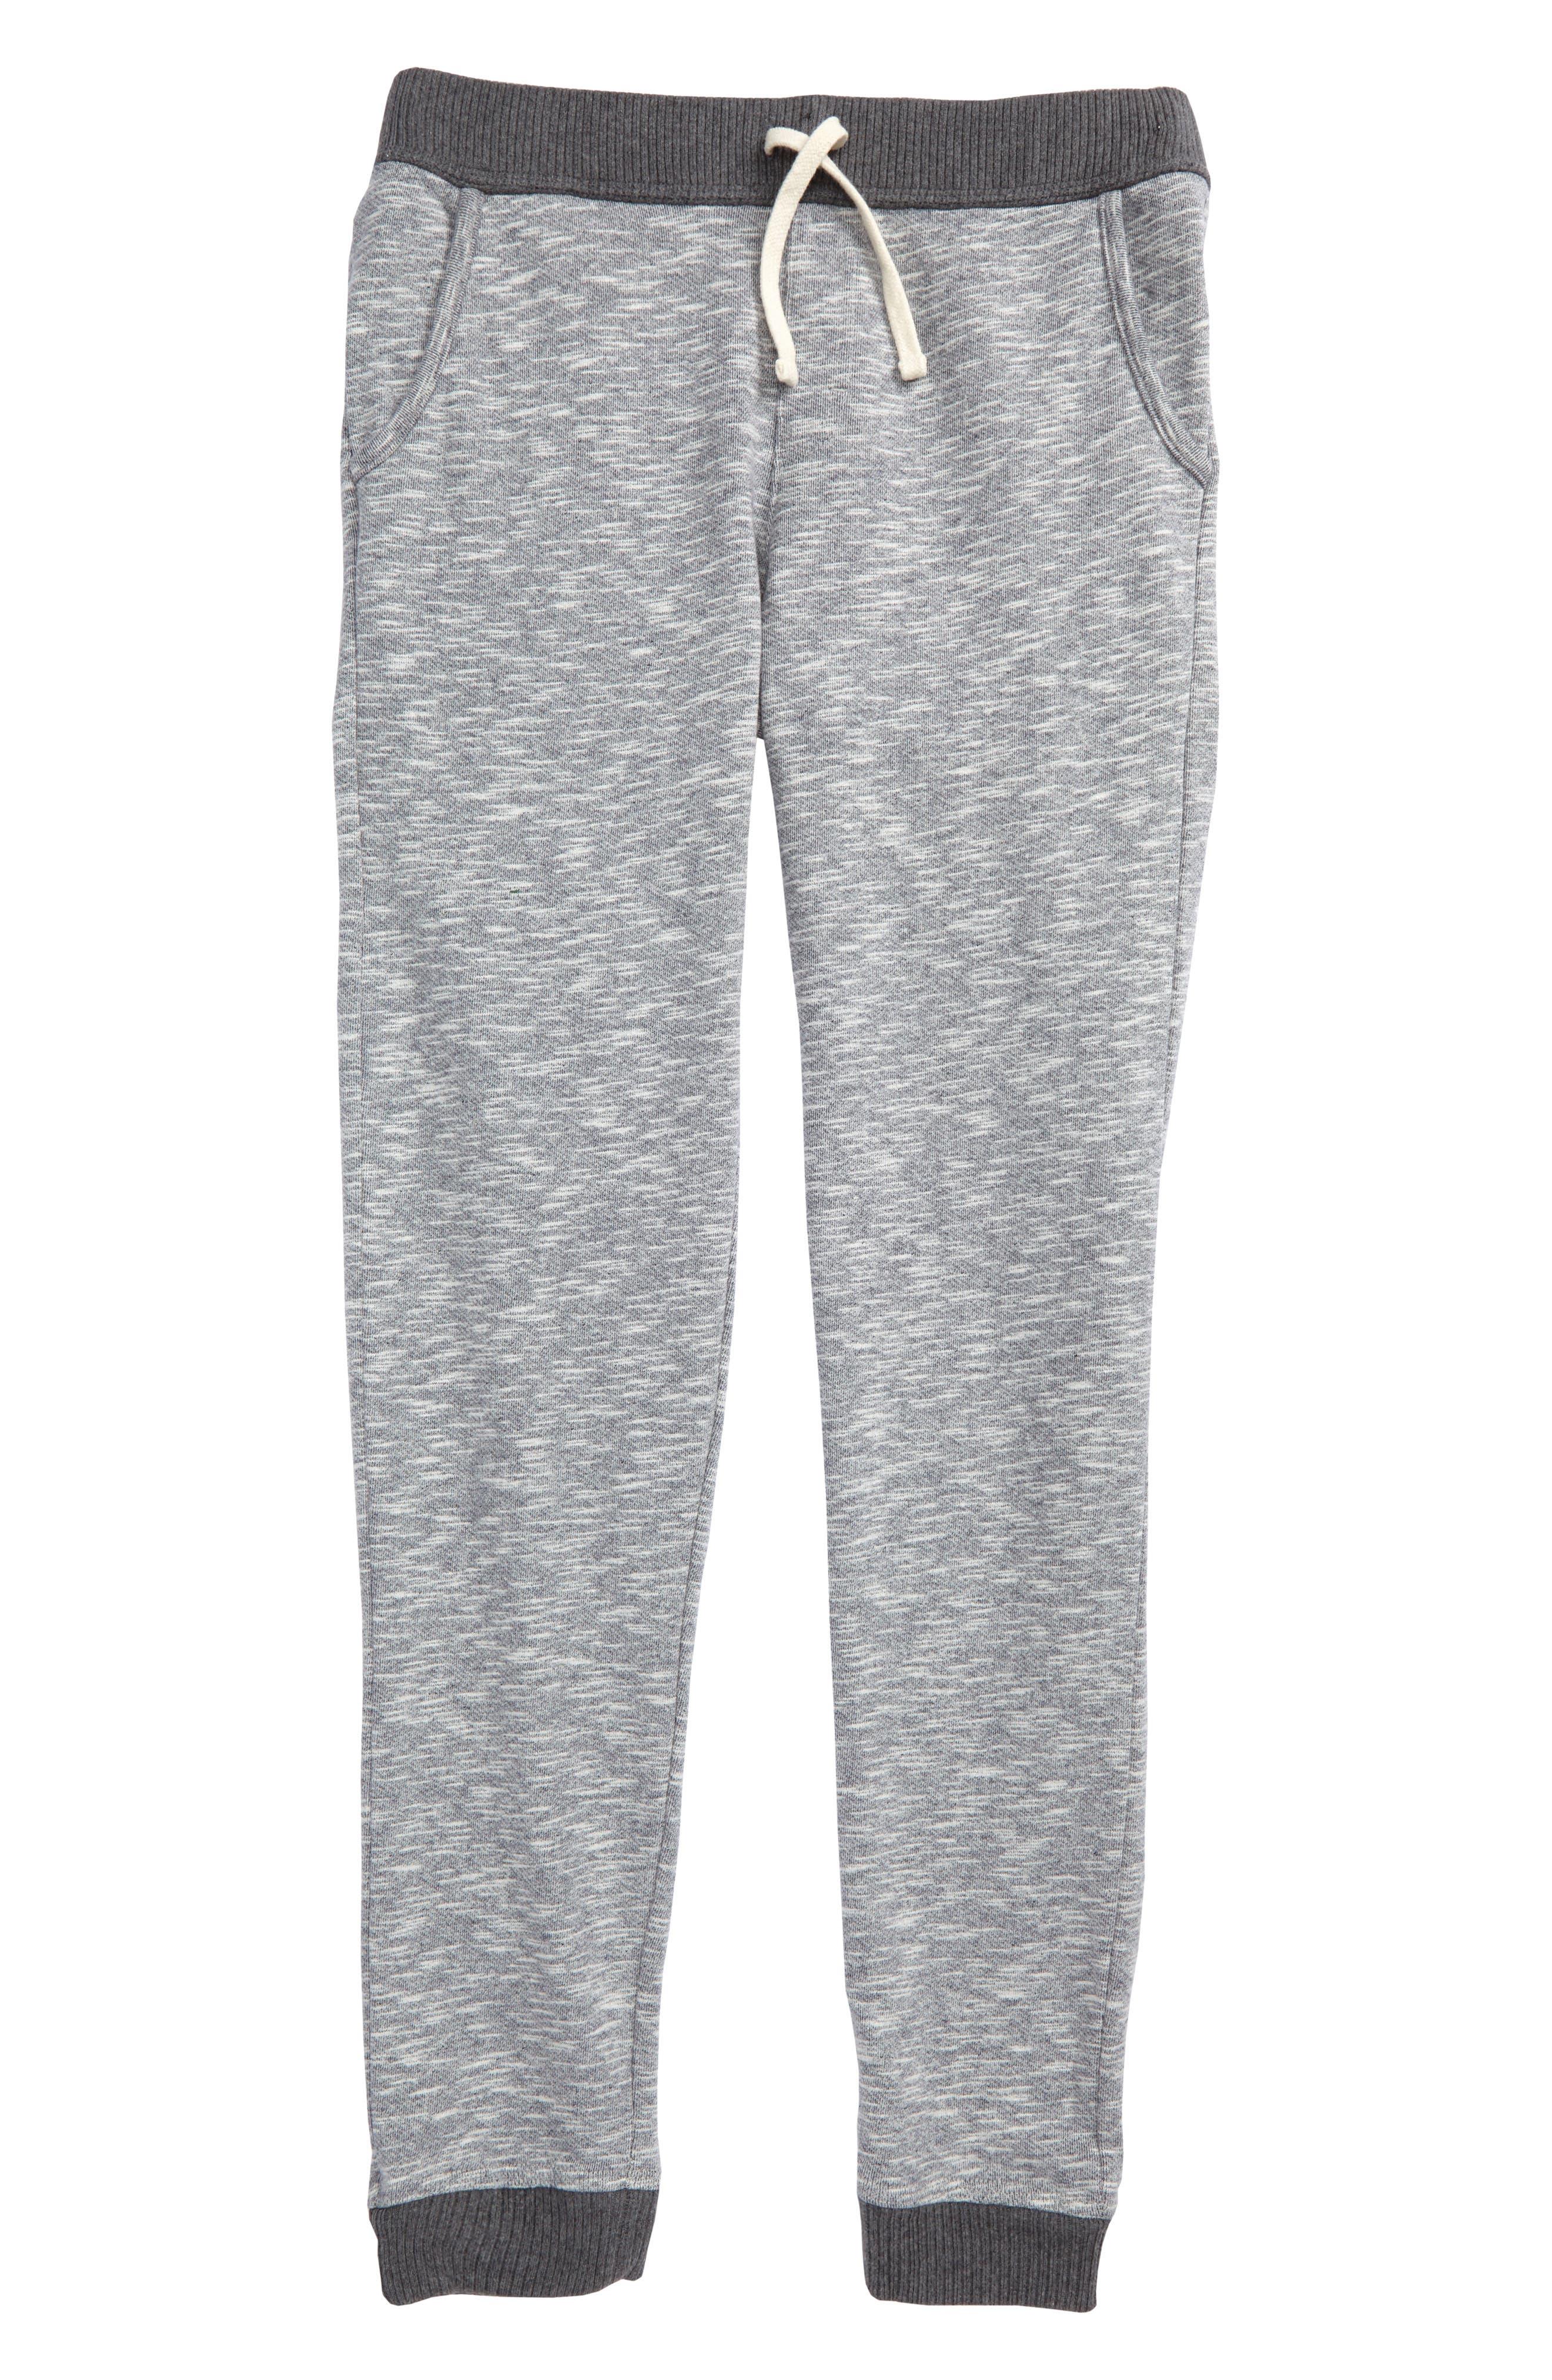 Tucker + Tate Knit Jogger Pants (Big Boys)